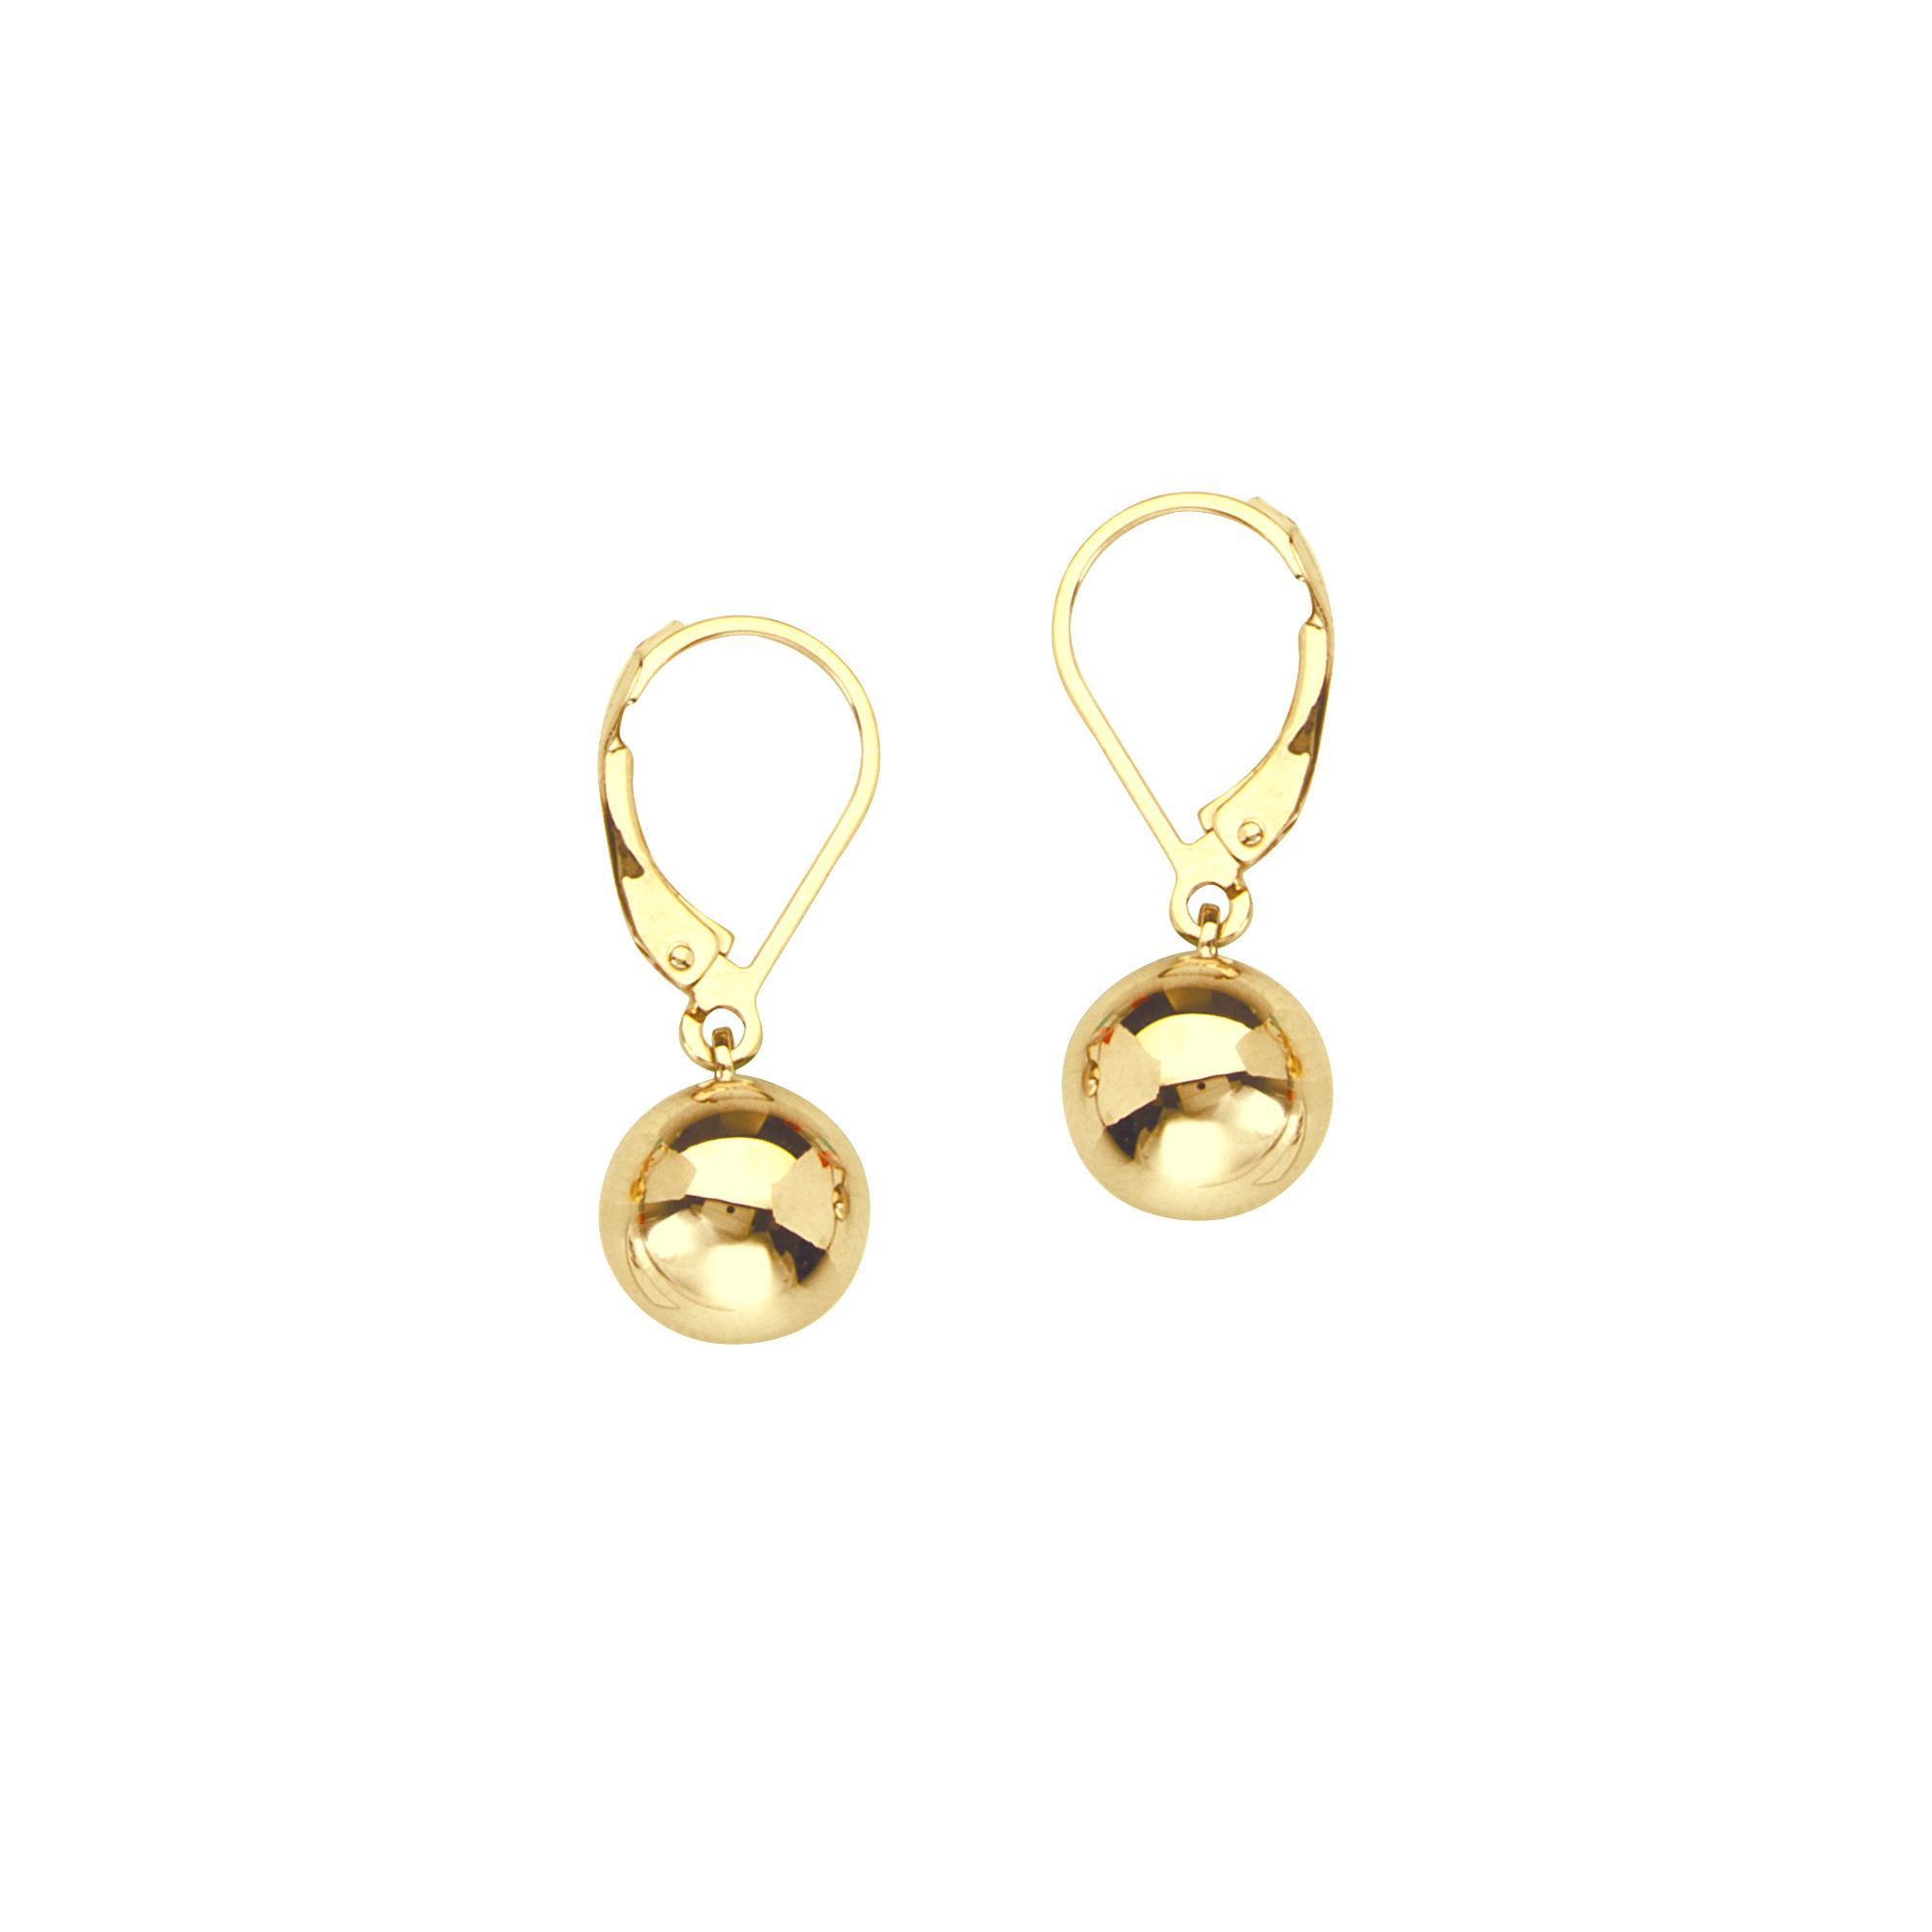 Lever Back Earrings, 14Kt  10Mm Ball Lever Back Earrings